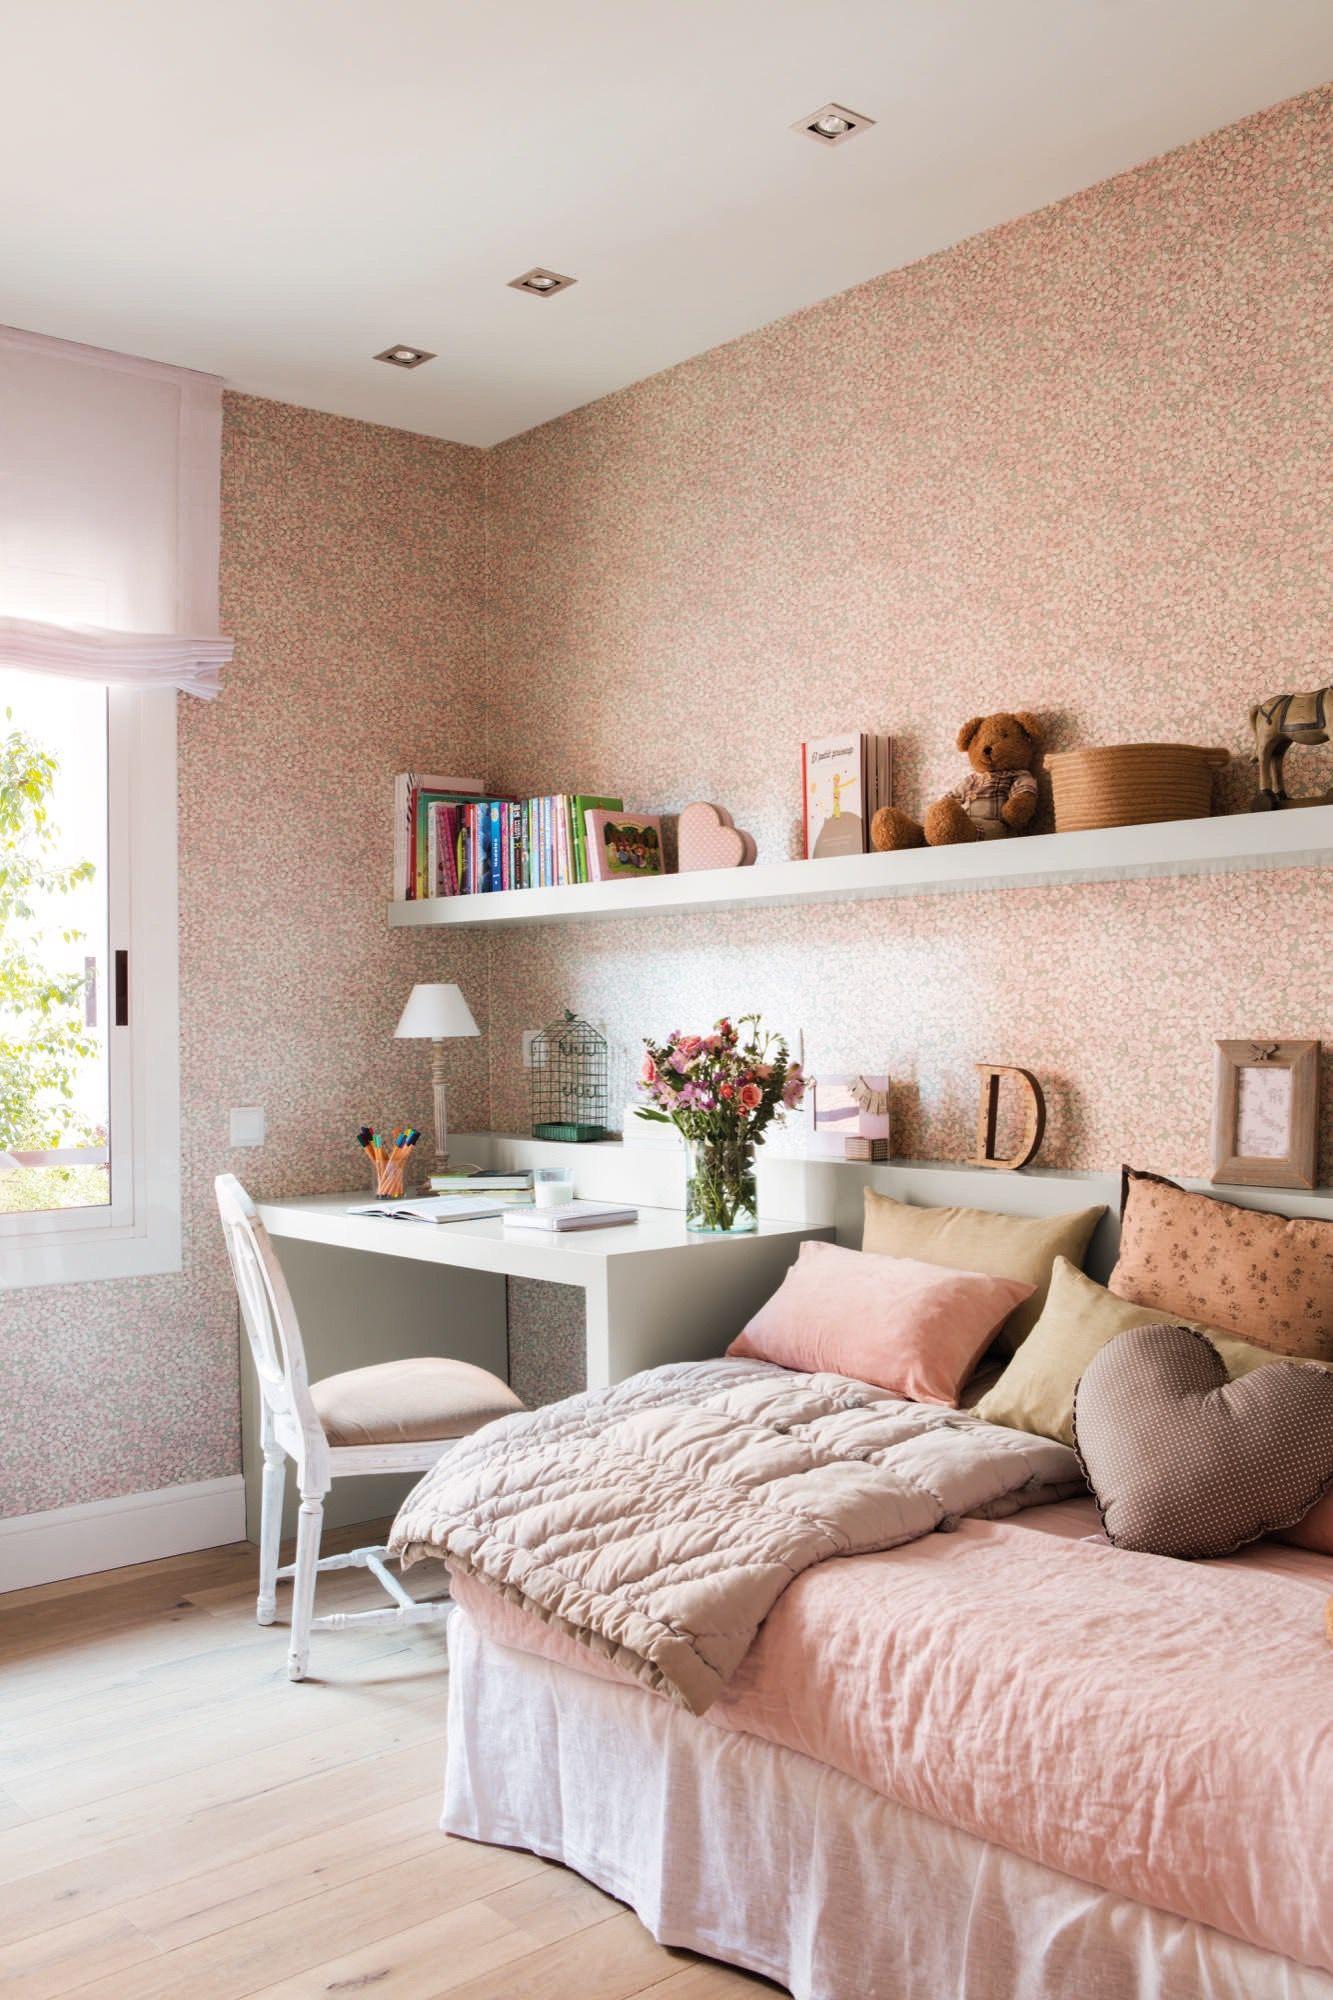 El cuarto infantil dormitorios infantiles decoracion - Decoracion de paredes de dormitorios juveniles ...